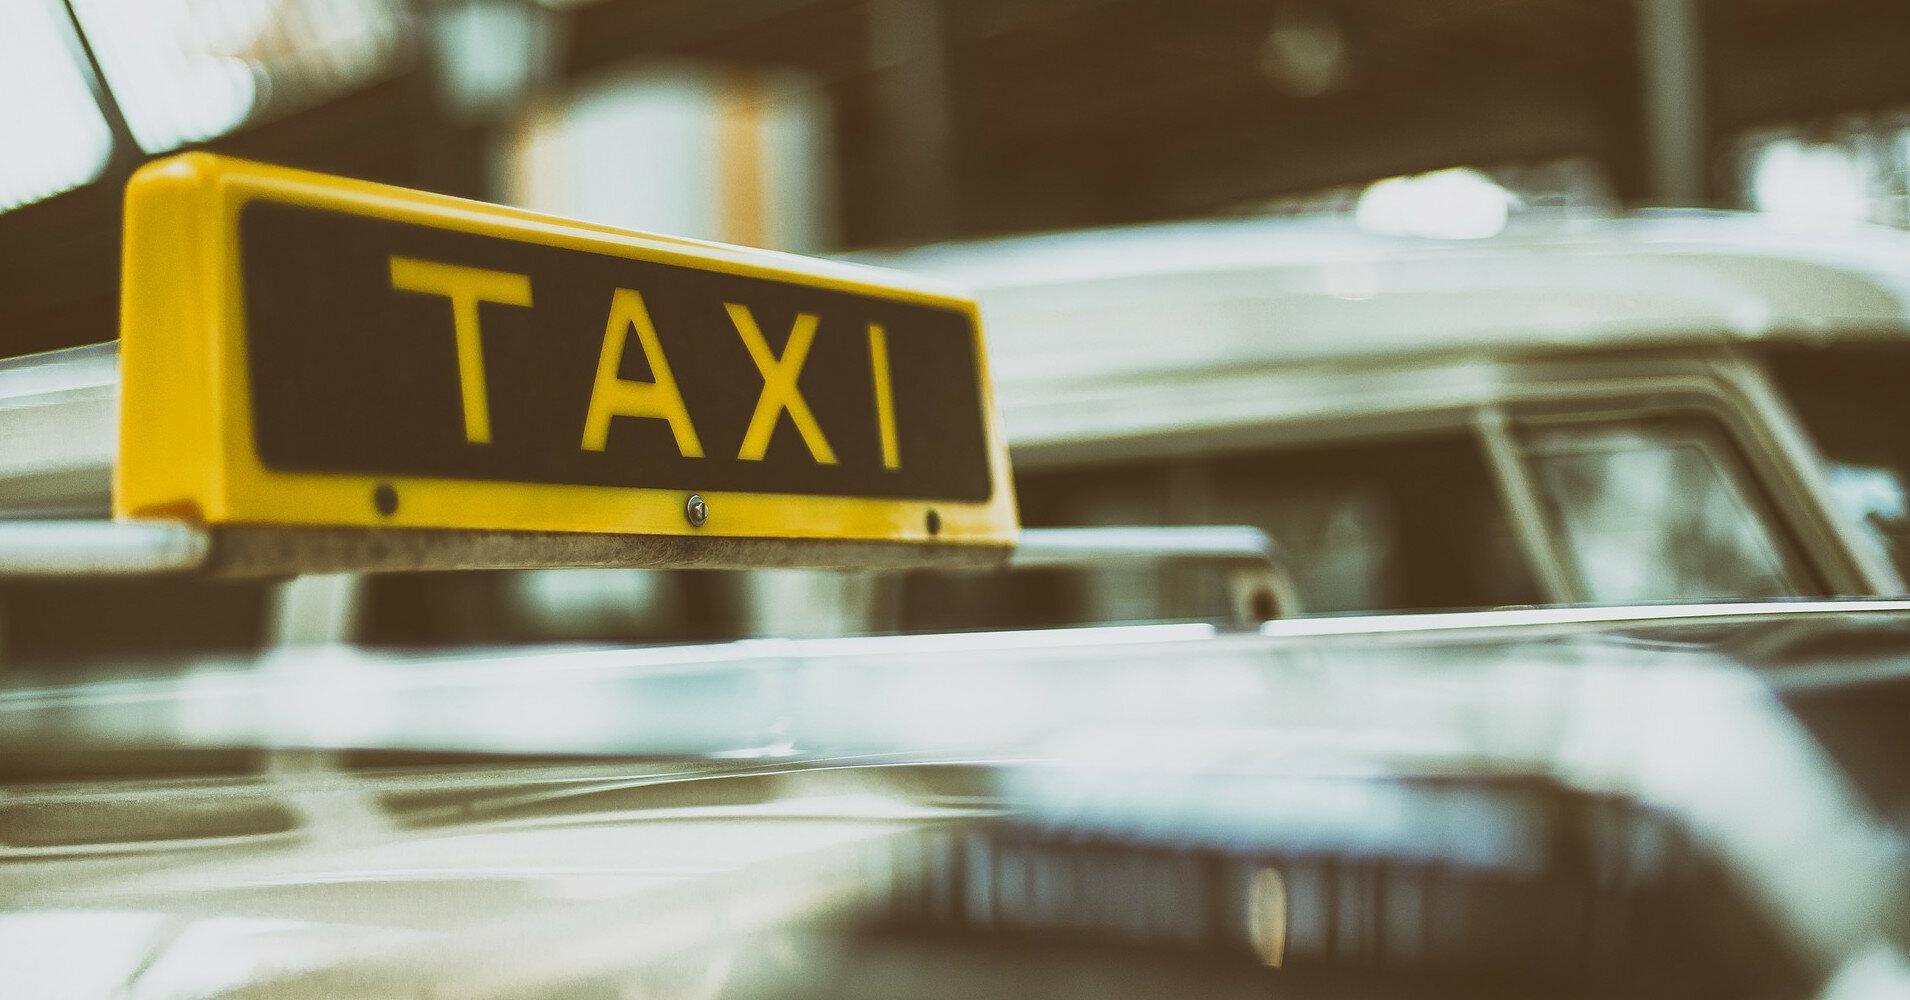 Как лучше заказать такси, чтобы недорого и надежно